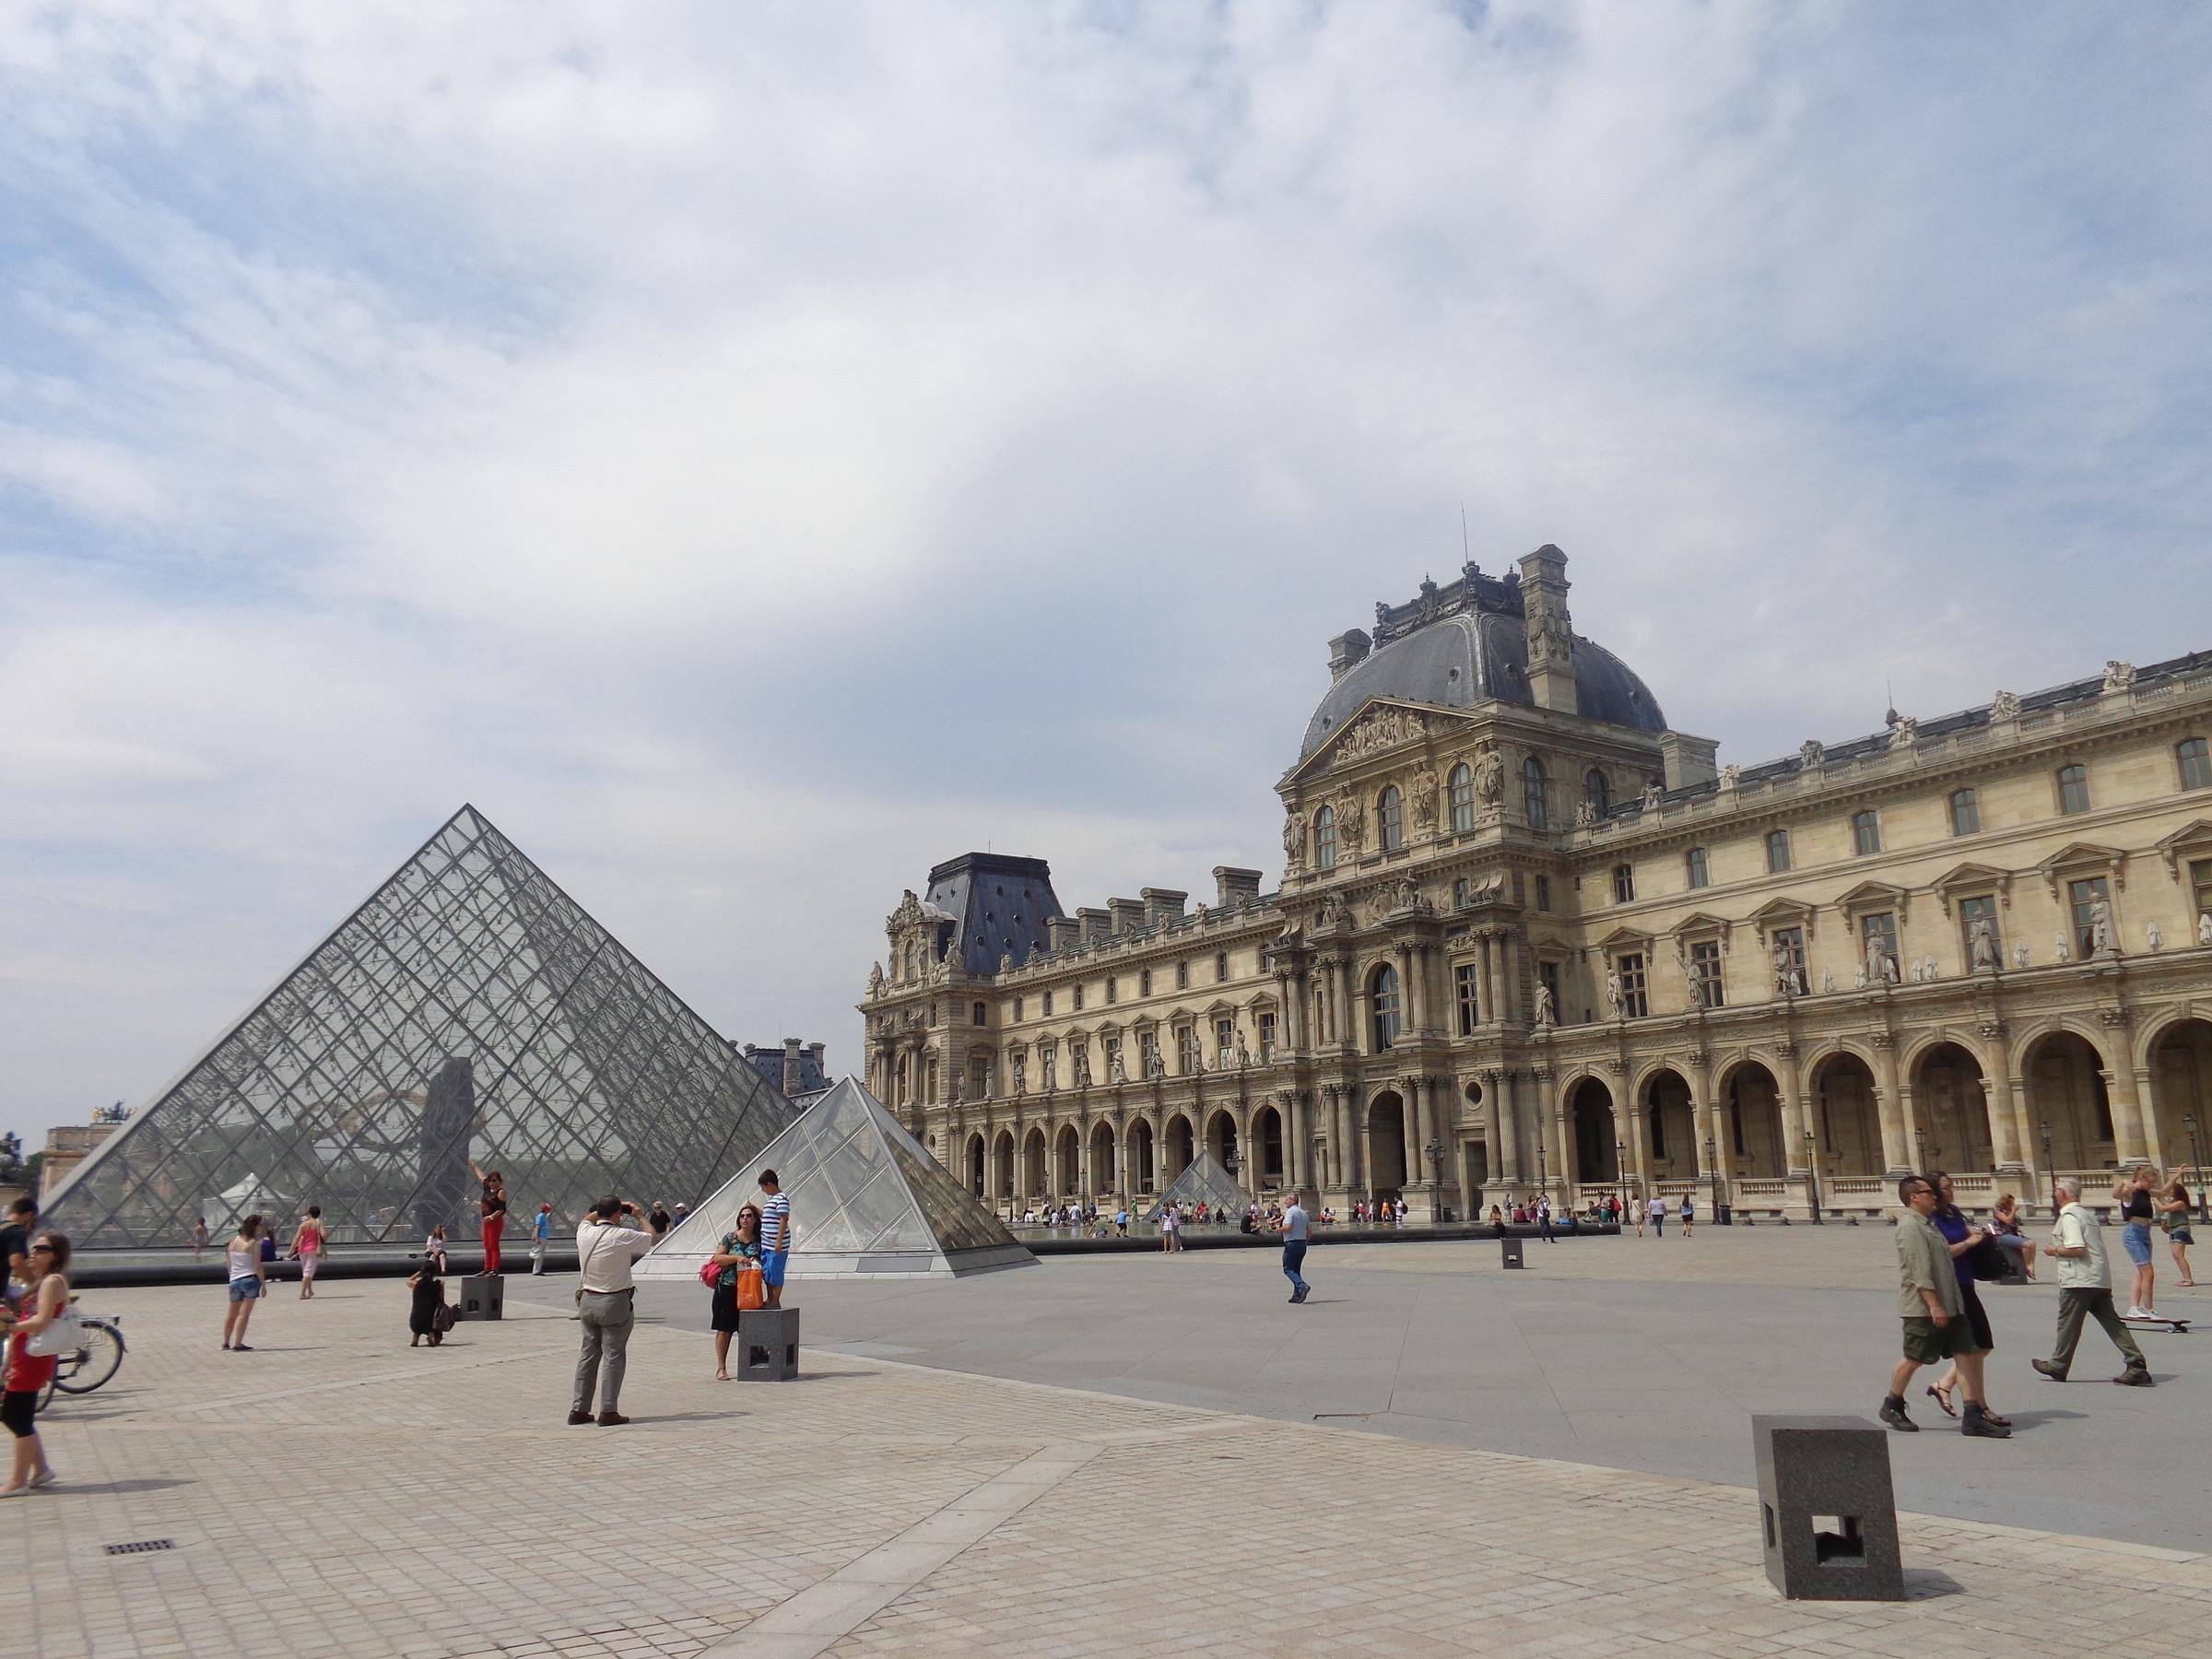 Лувр-бывшая резиденция французских королей, а ныне всемирно известный музей. Главный вход находится в пирамиде во дворе Наполеона. Чтобы не стоять в очереди за билетами, а она иногда бывает длиной, можно заказать по интернету на сайте музея., Париж